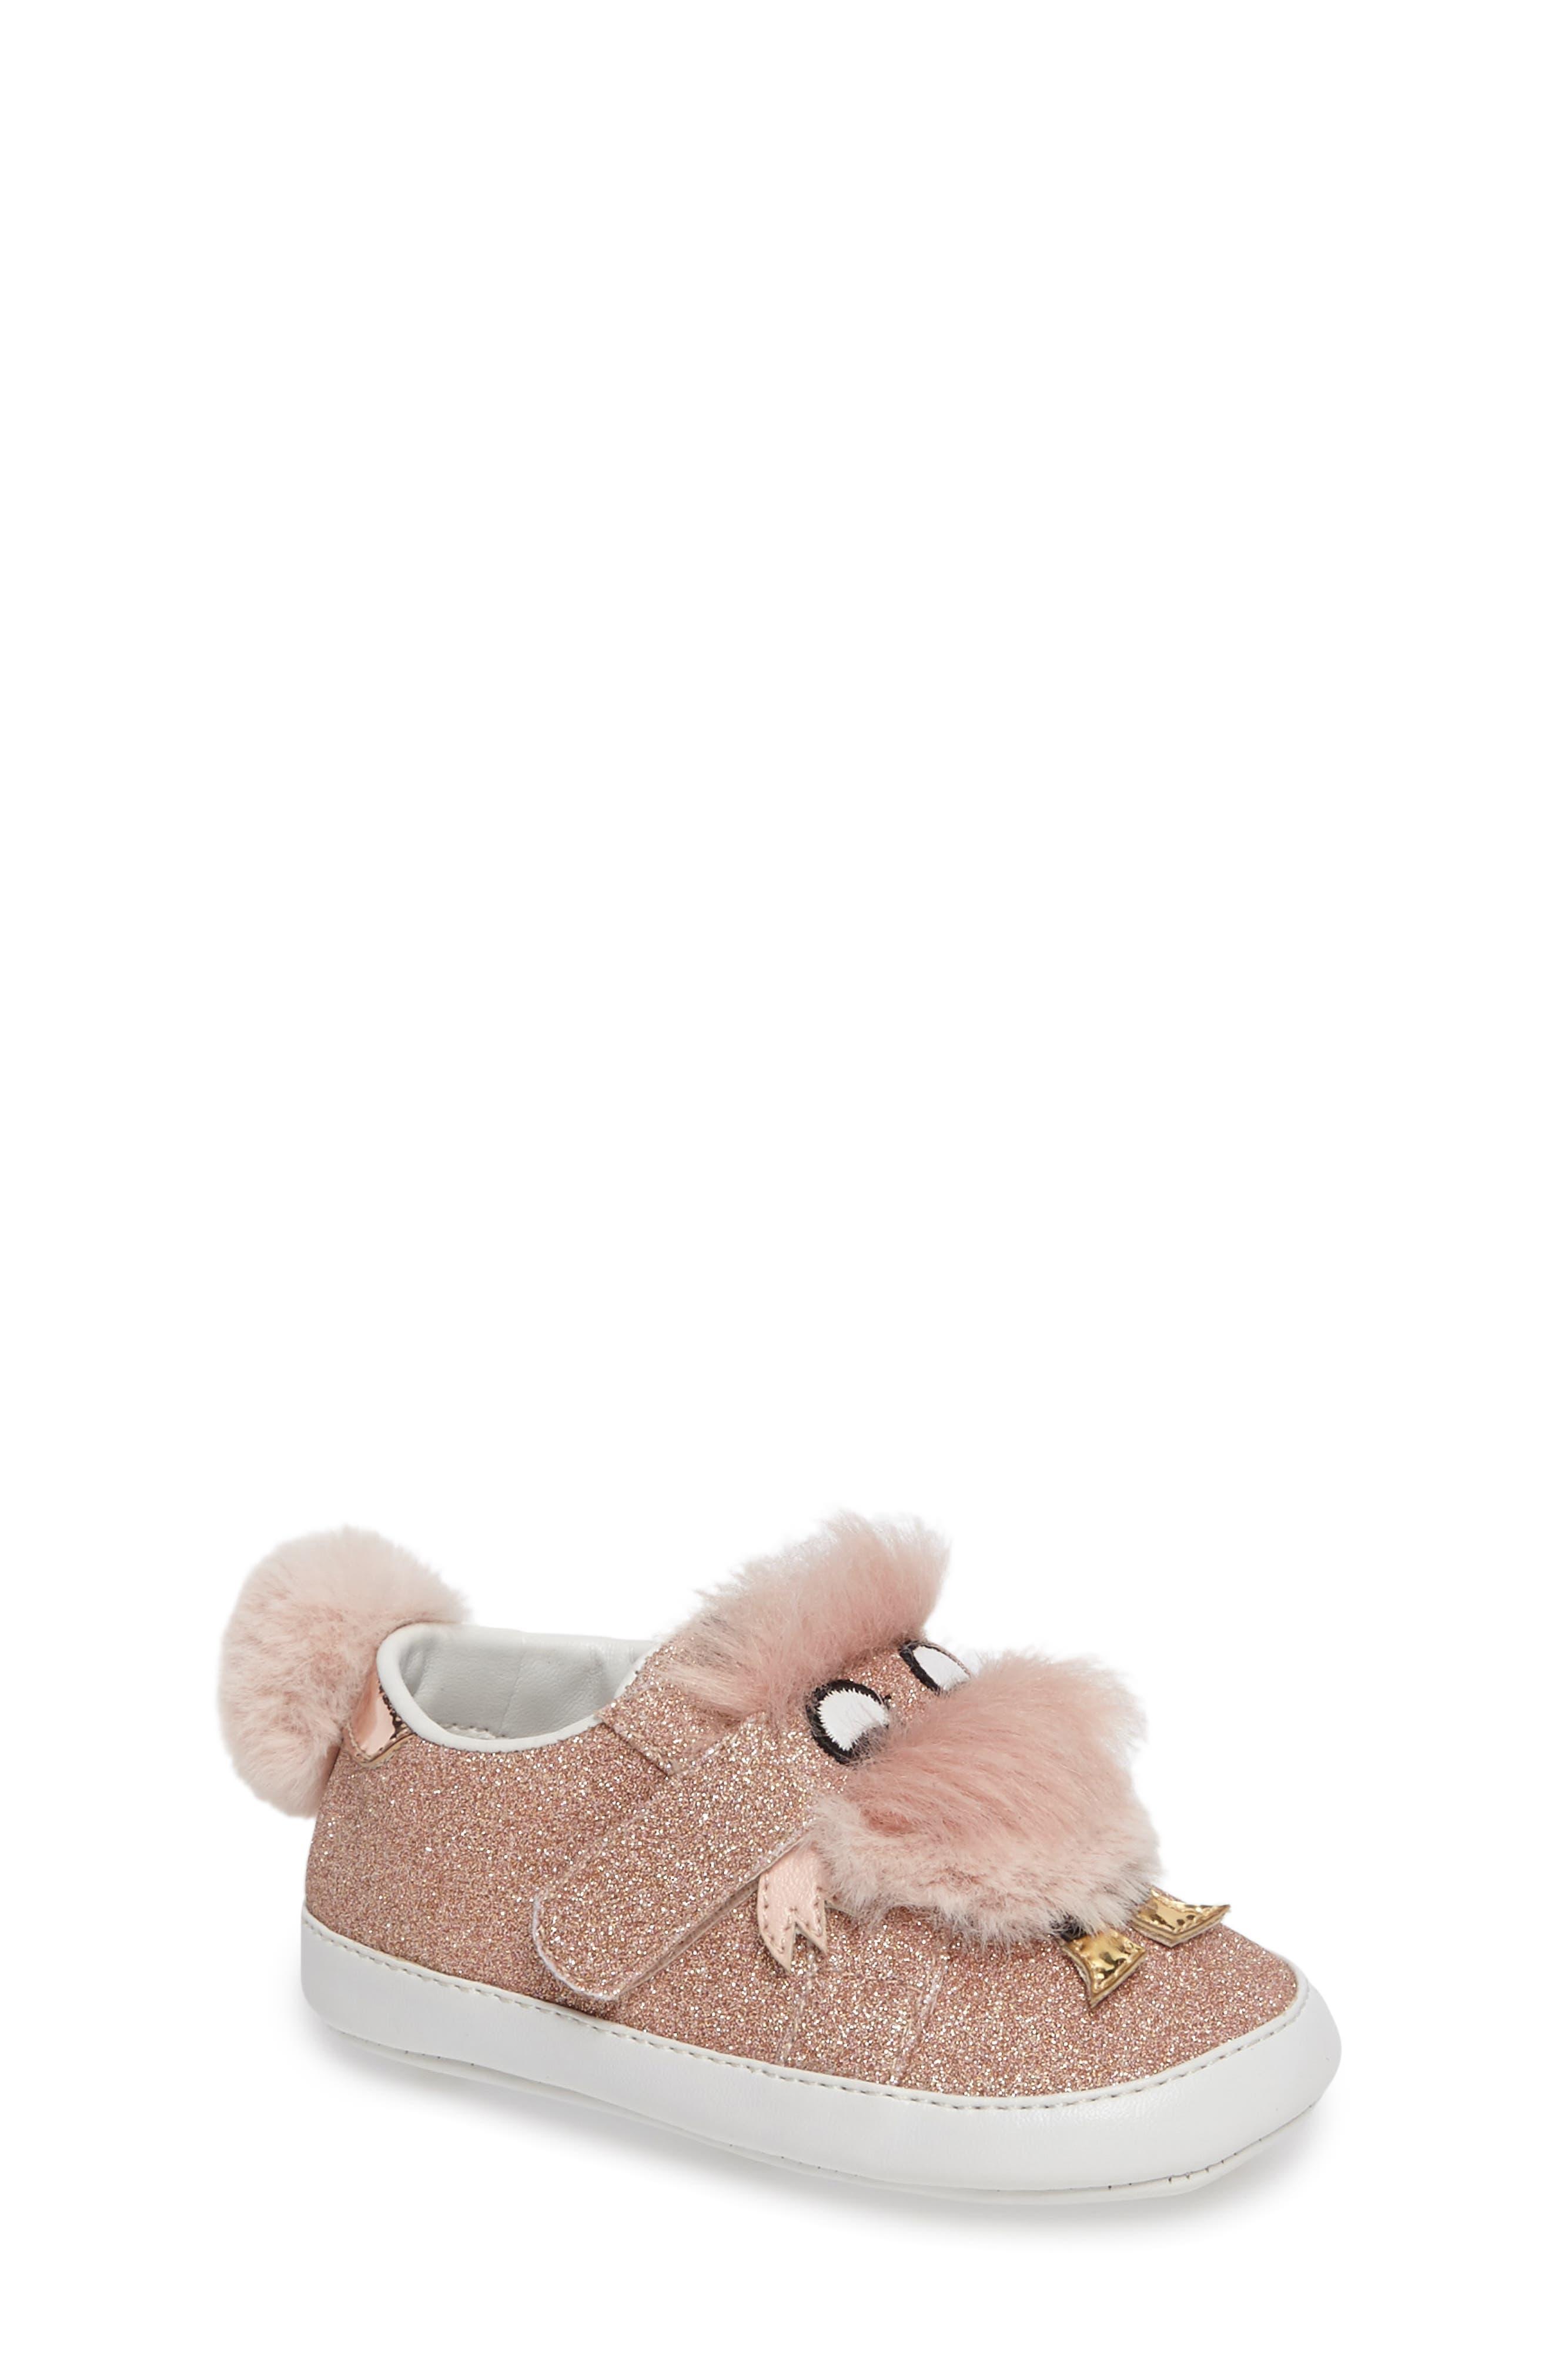 Ovee Sneaker,                         Main,                         color, 650